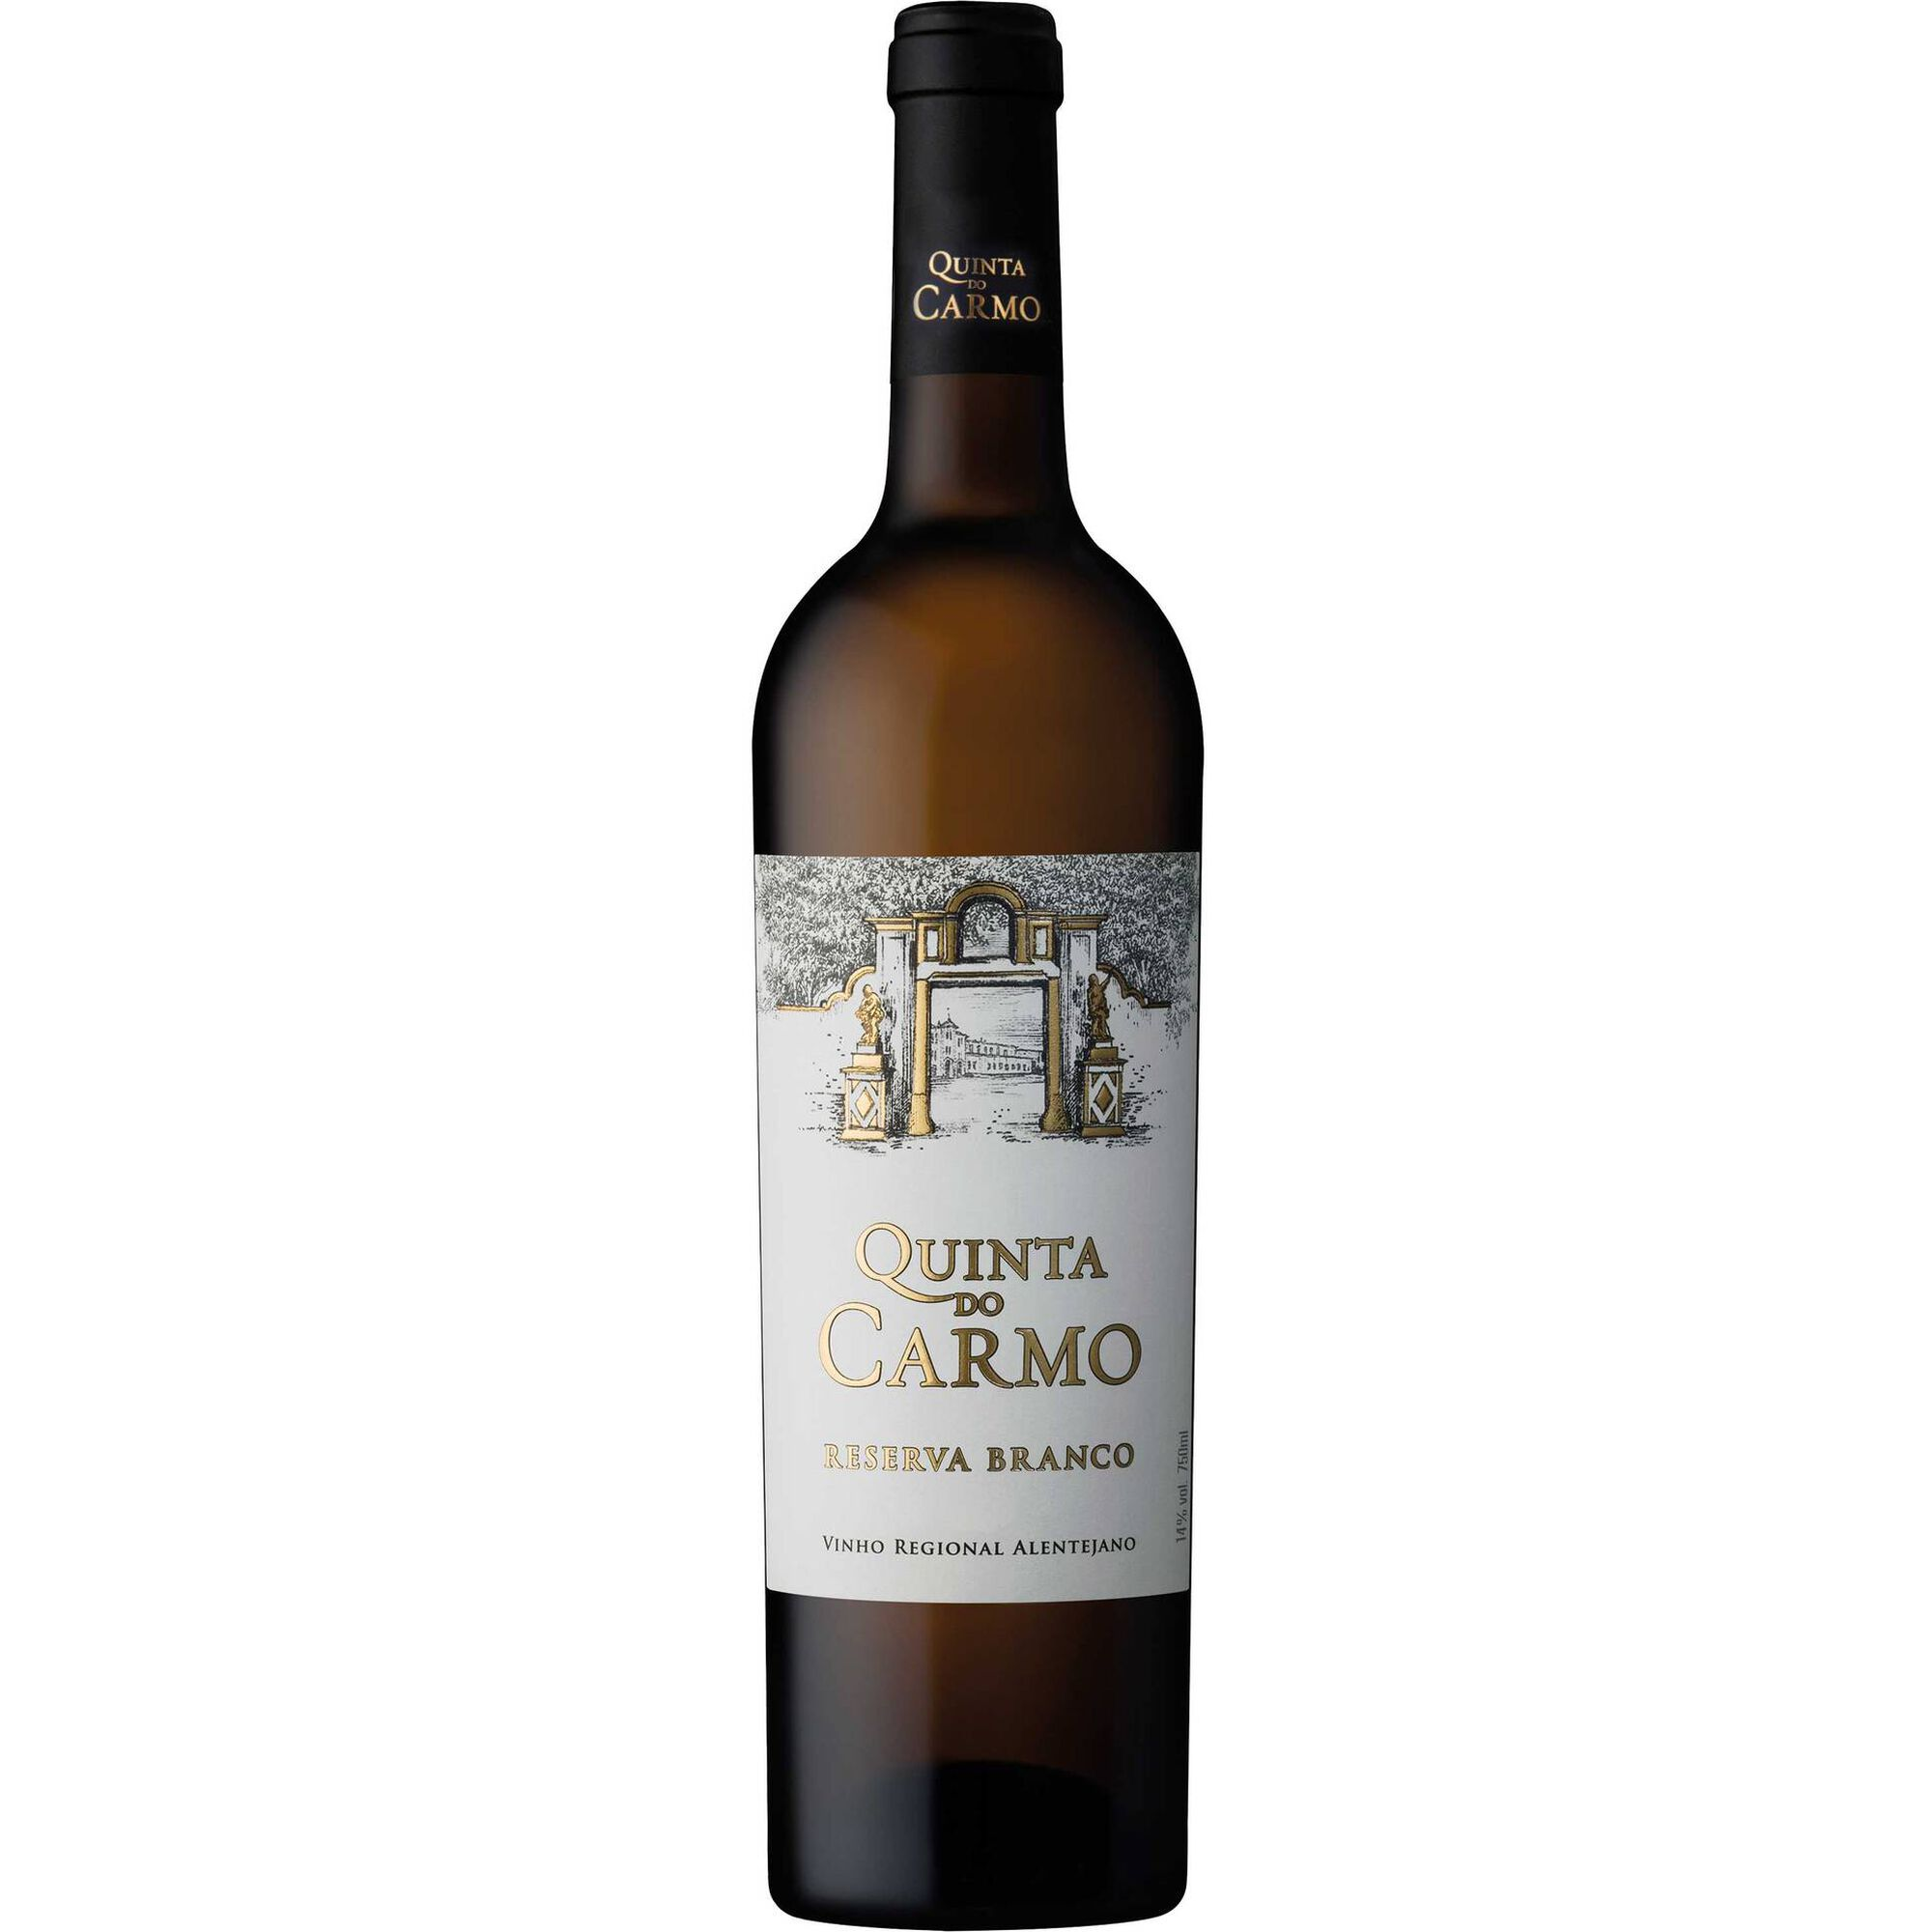 Quinta do Carmo Reserva Regional Alentejano Vinho Branco